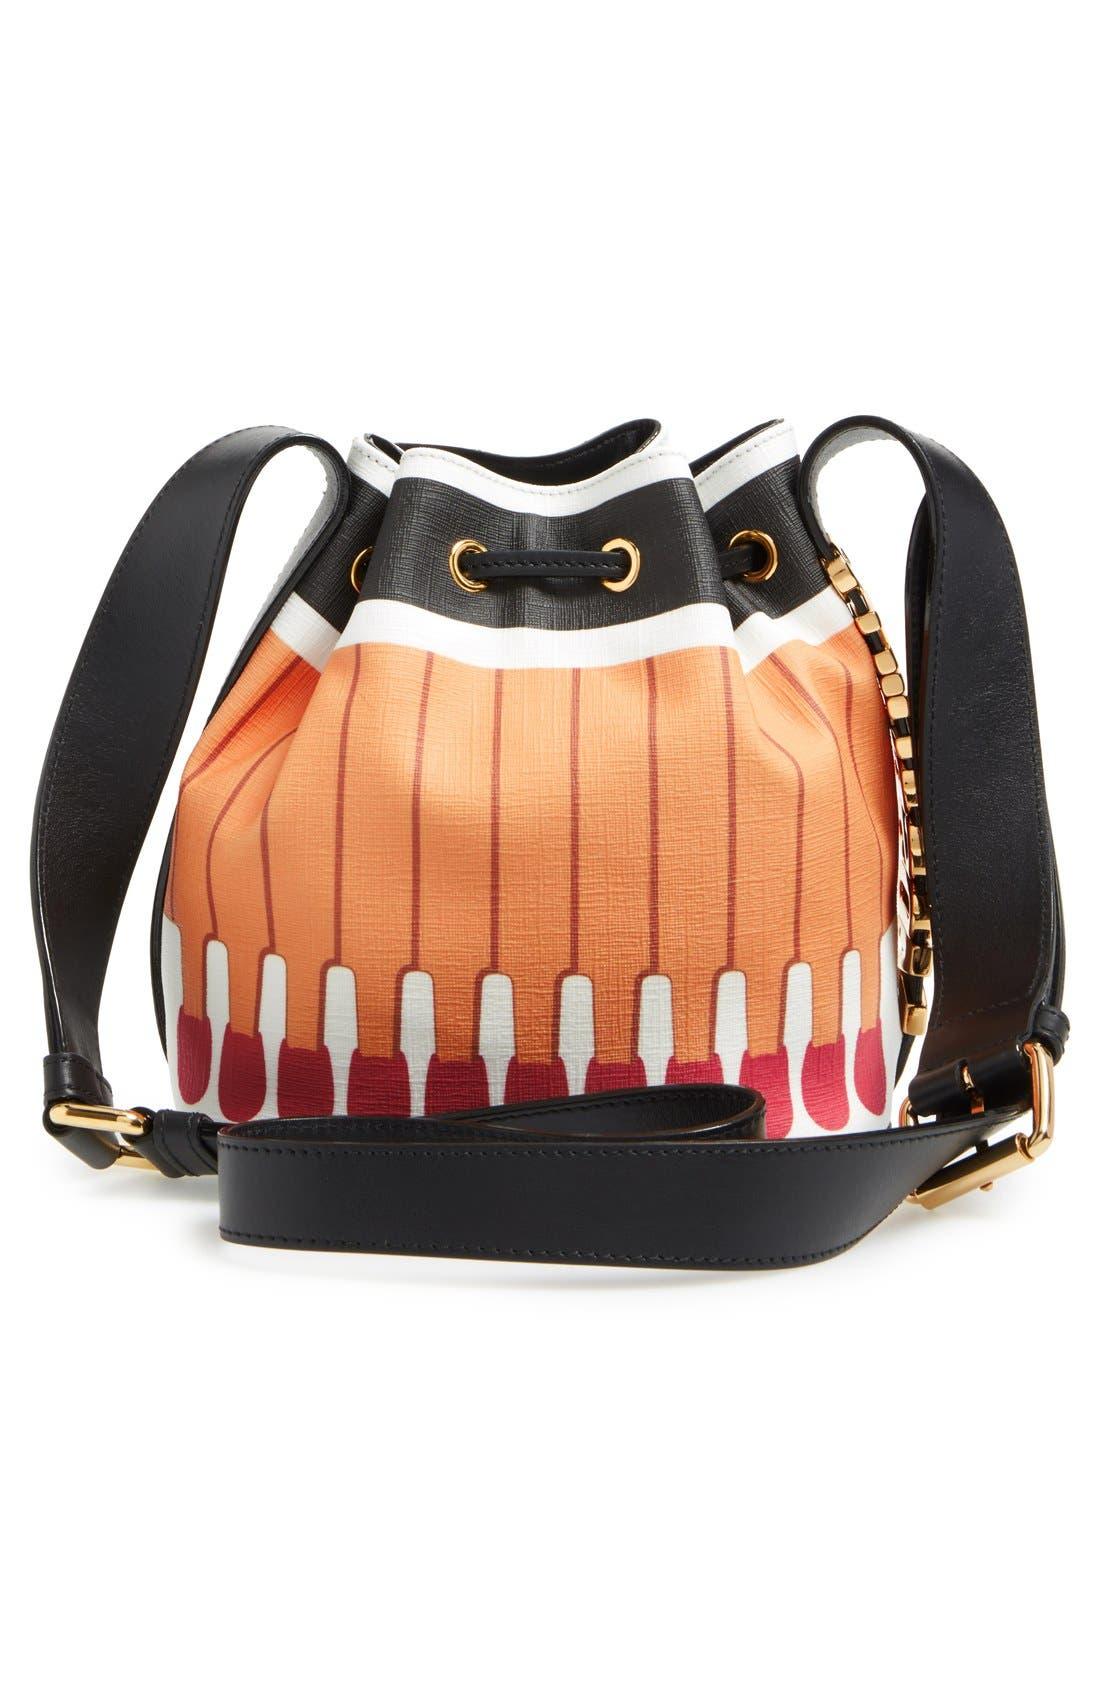 'It's Lit Matchbook' Bucket Bag,                             Alternate thumbnail 3, color,                             Multicolor